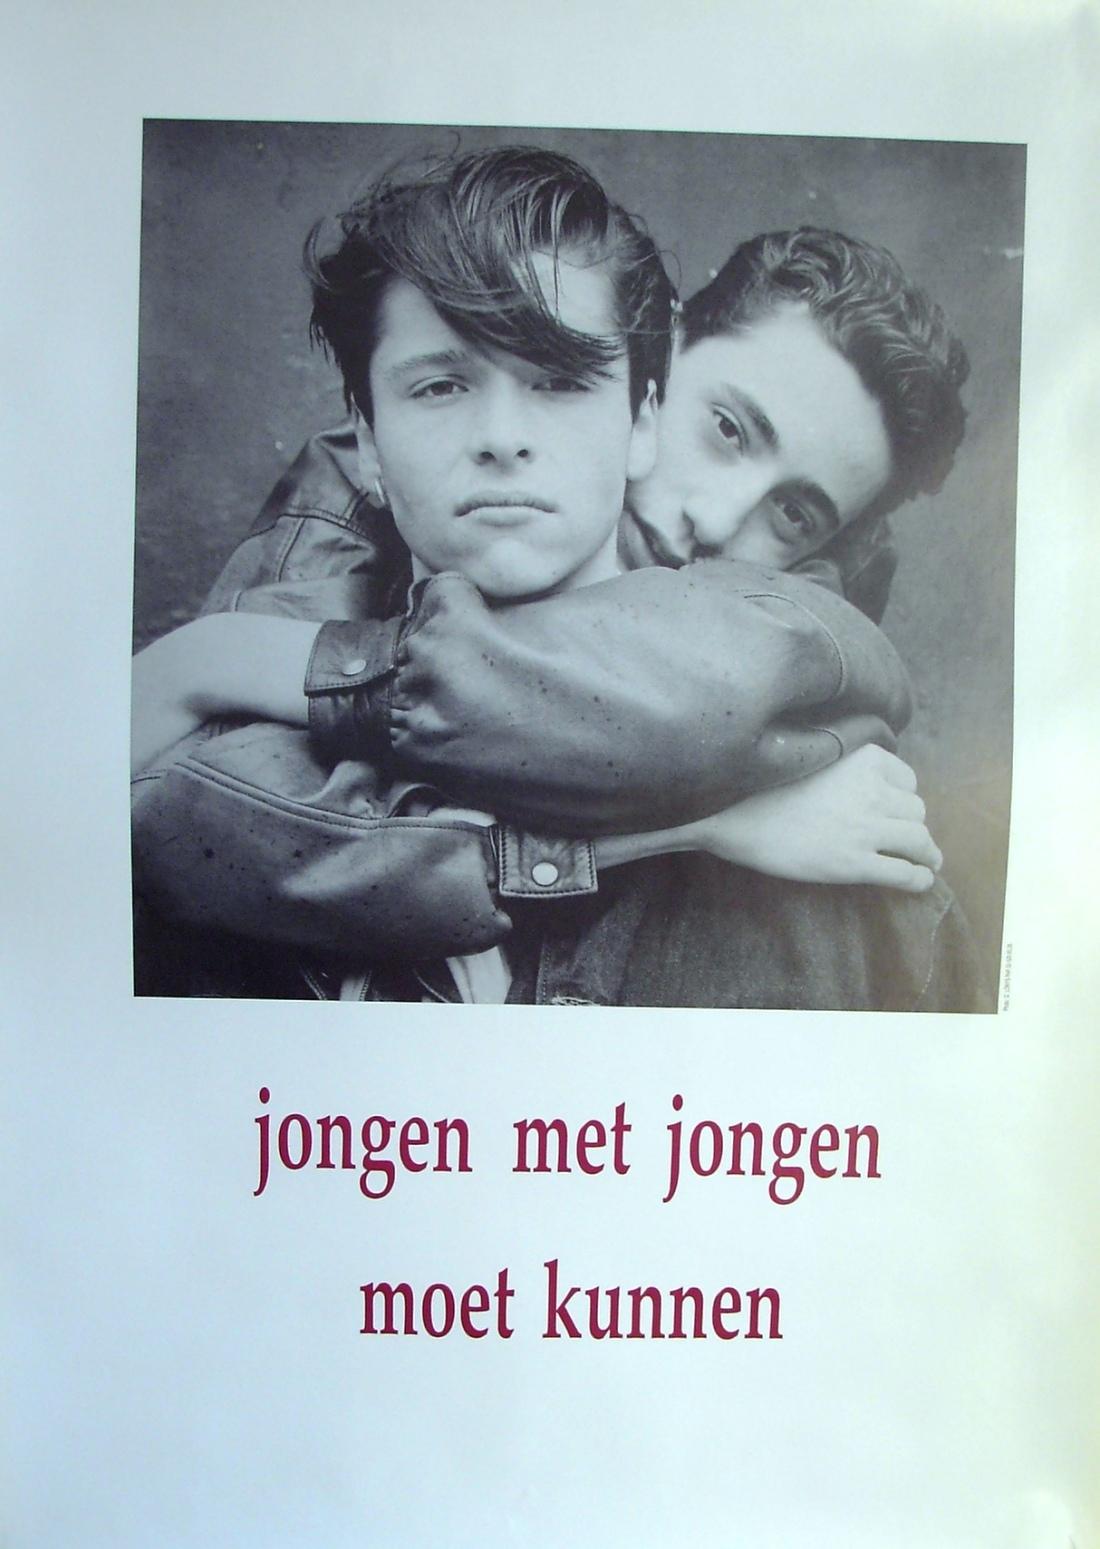 1987_Jongen_met_jongen001